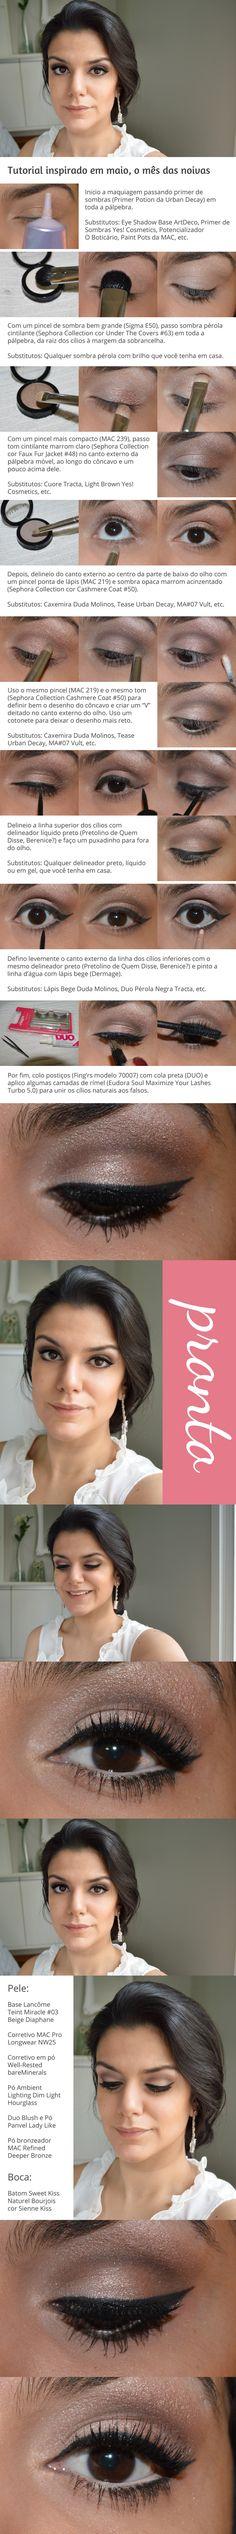 Vai casar de dia? O tutorial dessa semana é uma opção de maquiagem fofa para a festa http://www.2beauty.com.br/blog/2014/05/16/tutorial-noivinha/ #noiva #tutorial